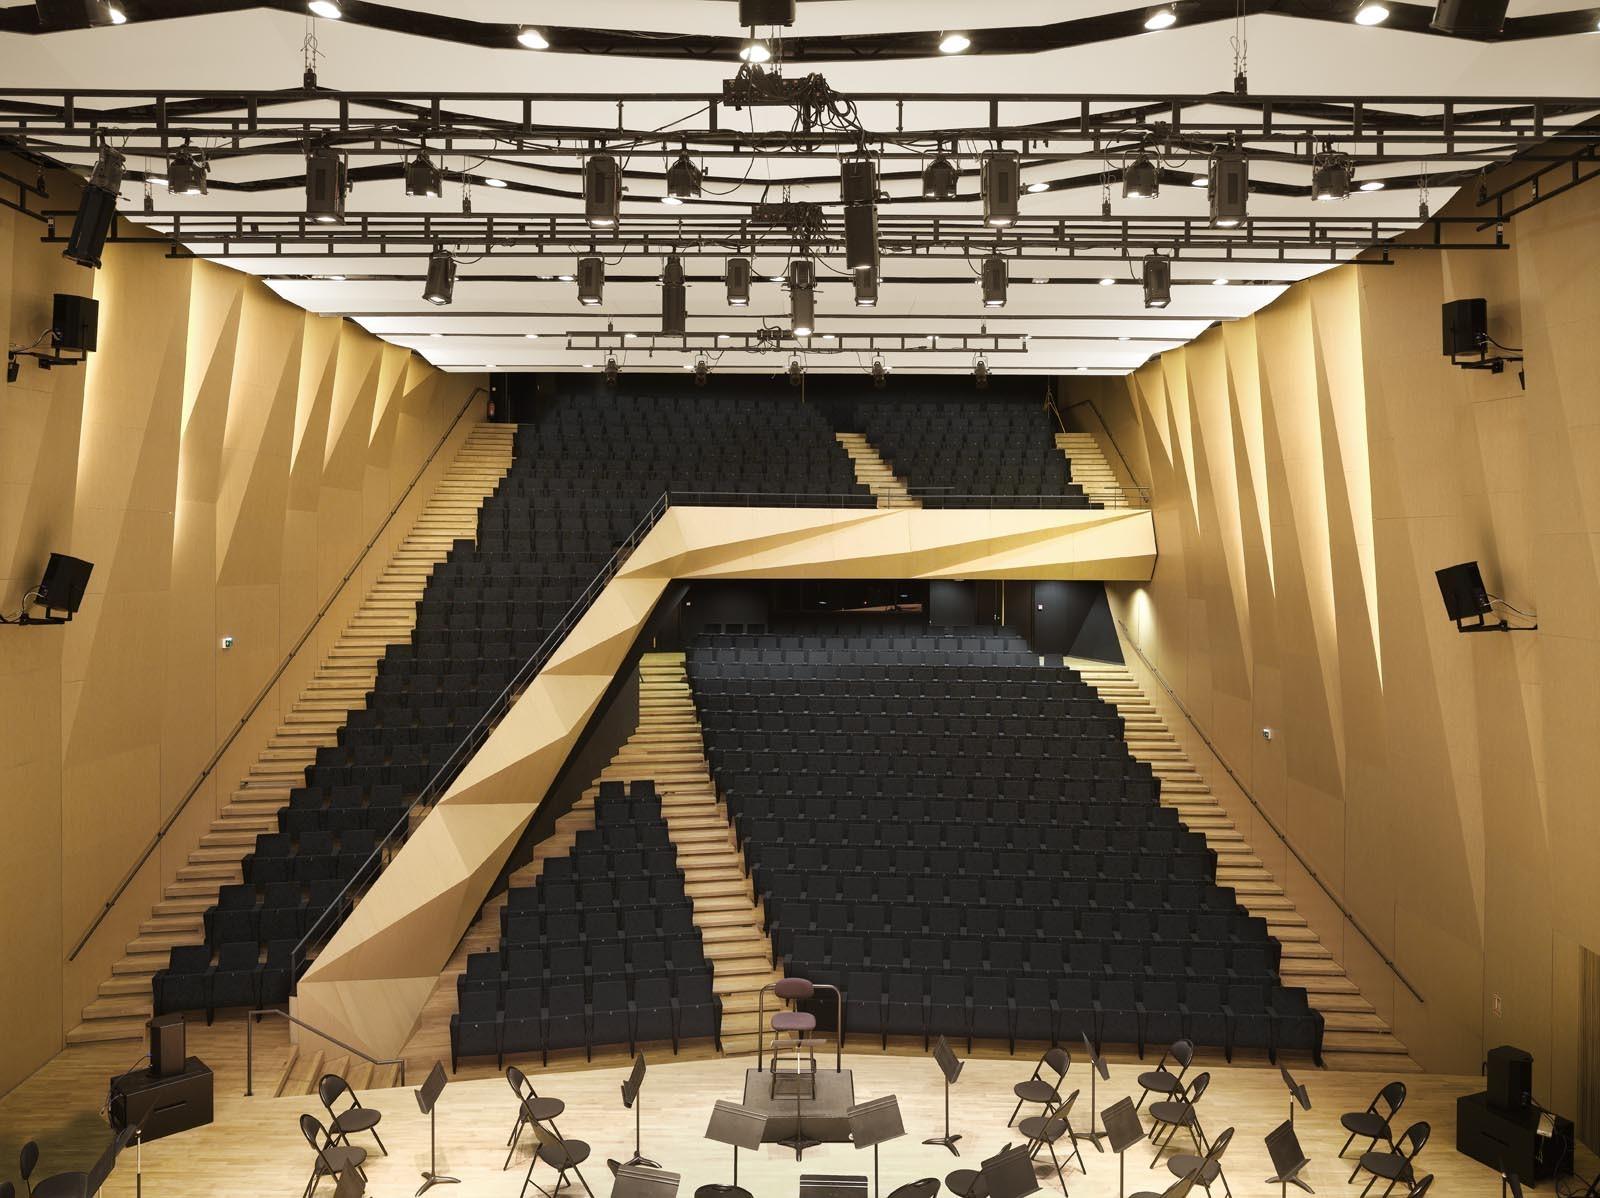 Construction Aix En Provence aix en provence conservatory of music / kengo kuma and